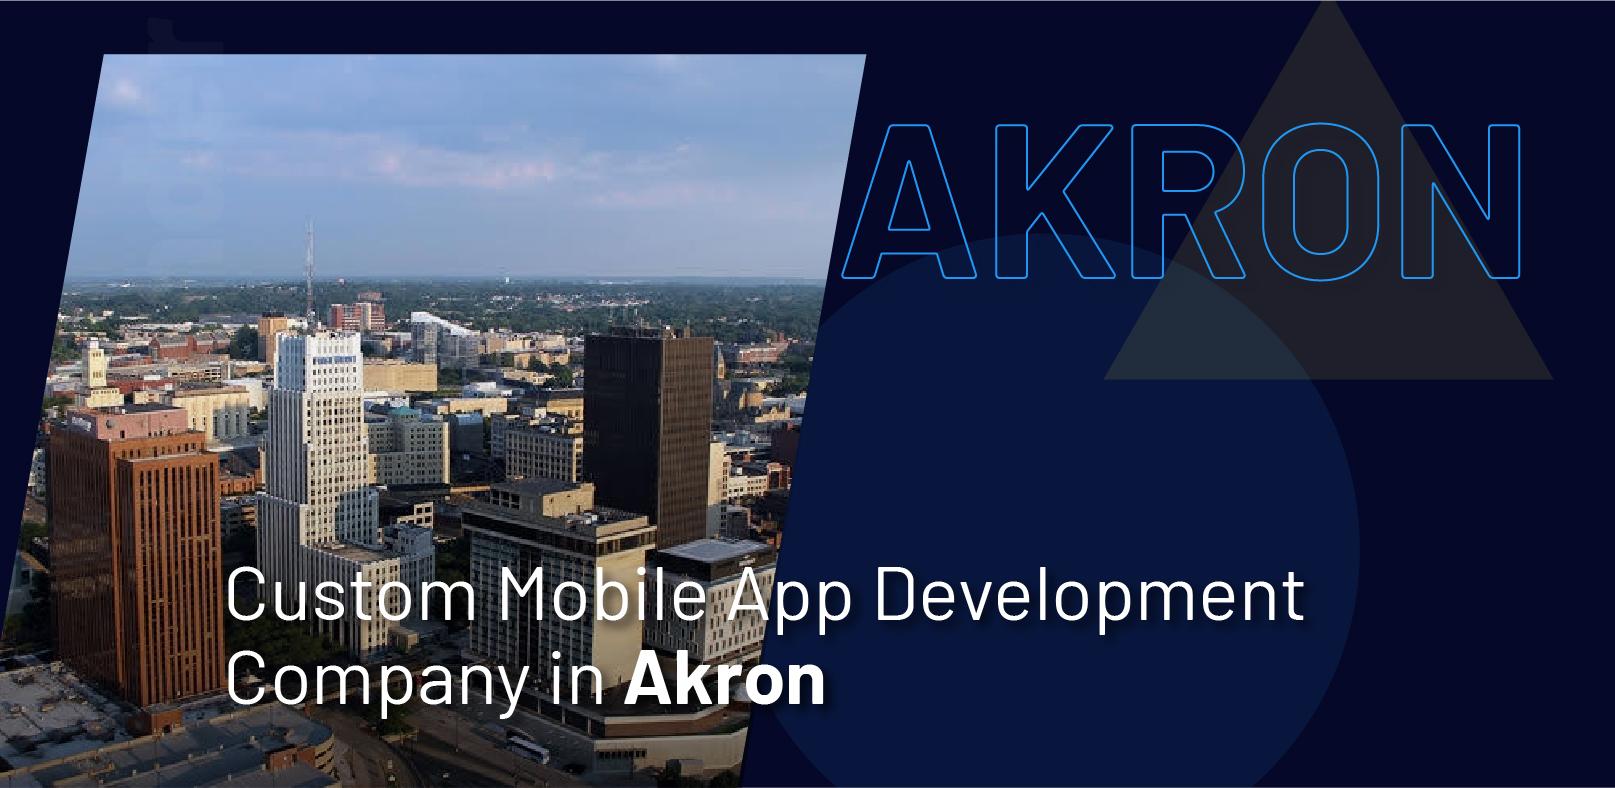 Custom Mobile App Development Company in Akron - WebClues Infotech